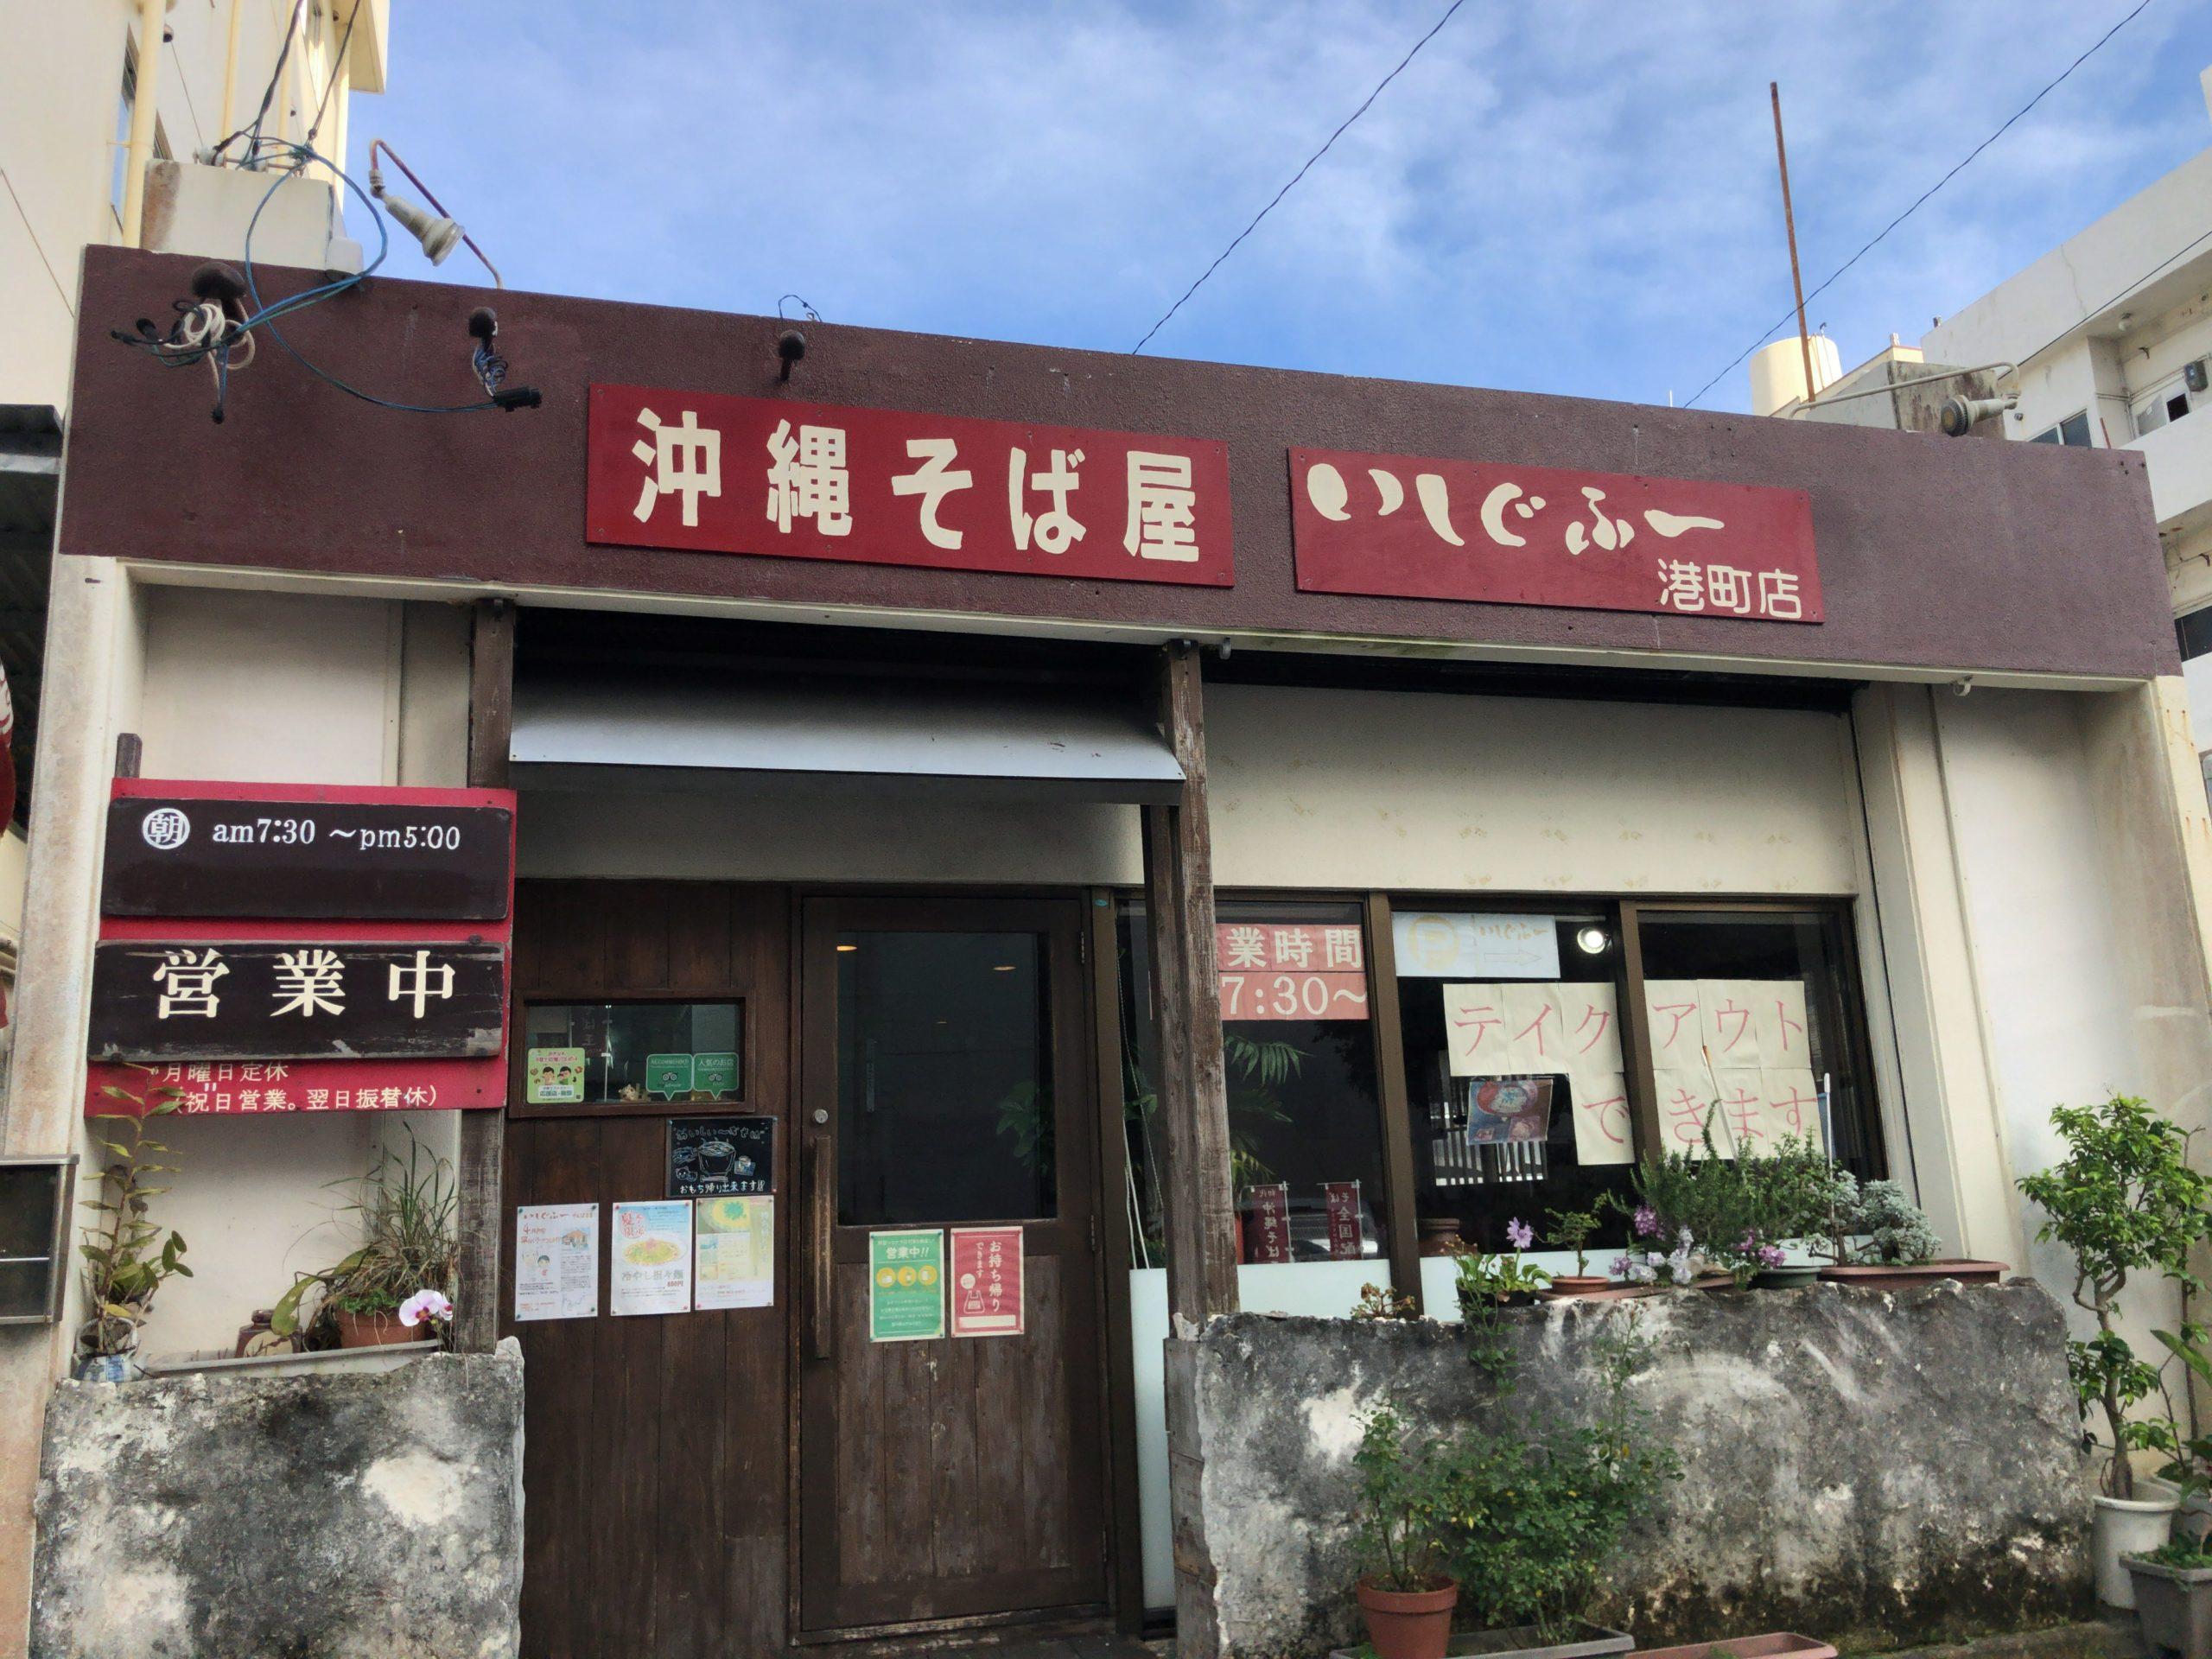 那覇市『いしぐふー港町店』朝7:30からやってます!